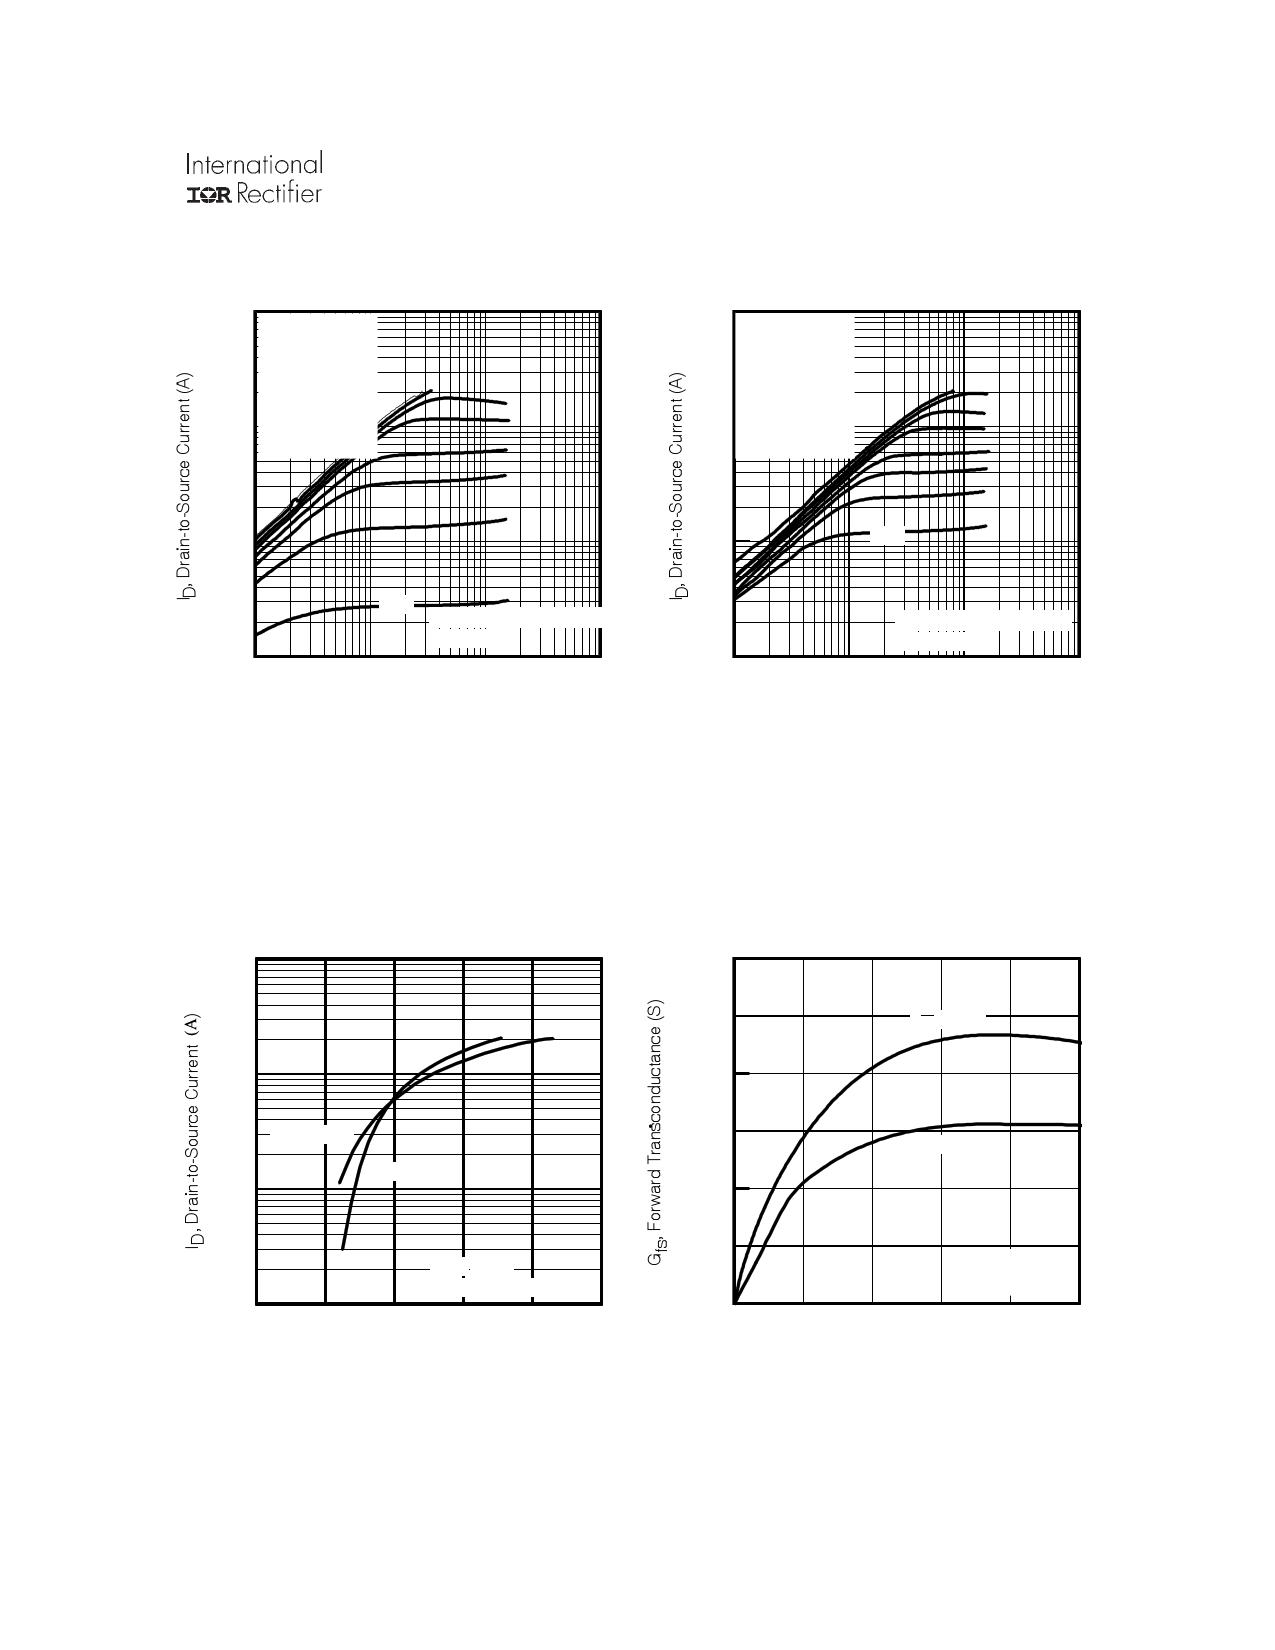 IRFZ44ZSPbF pdf, ピン配列